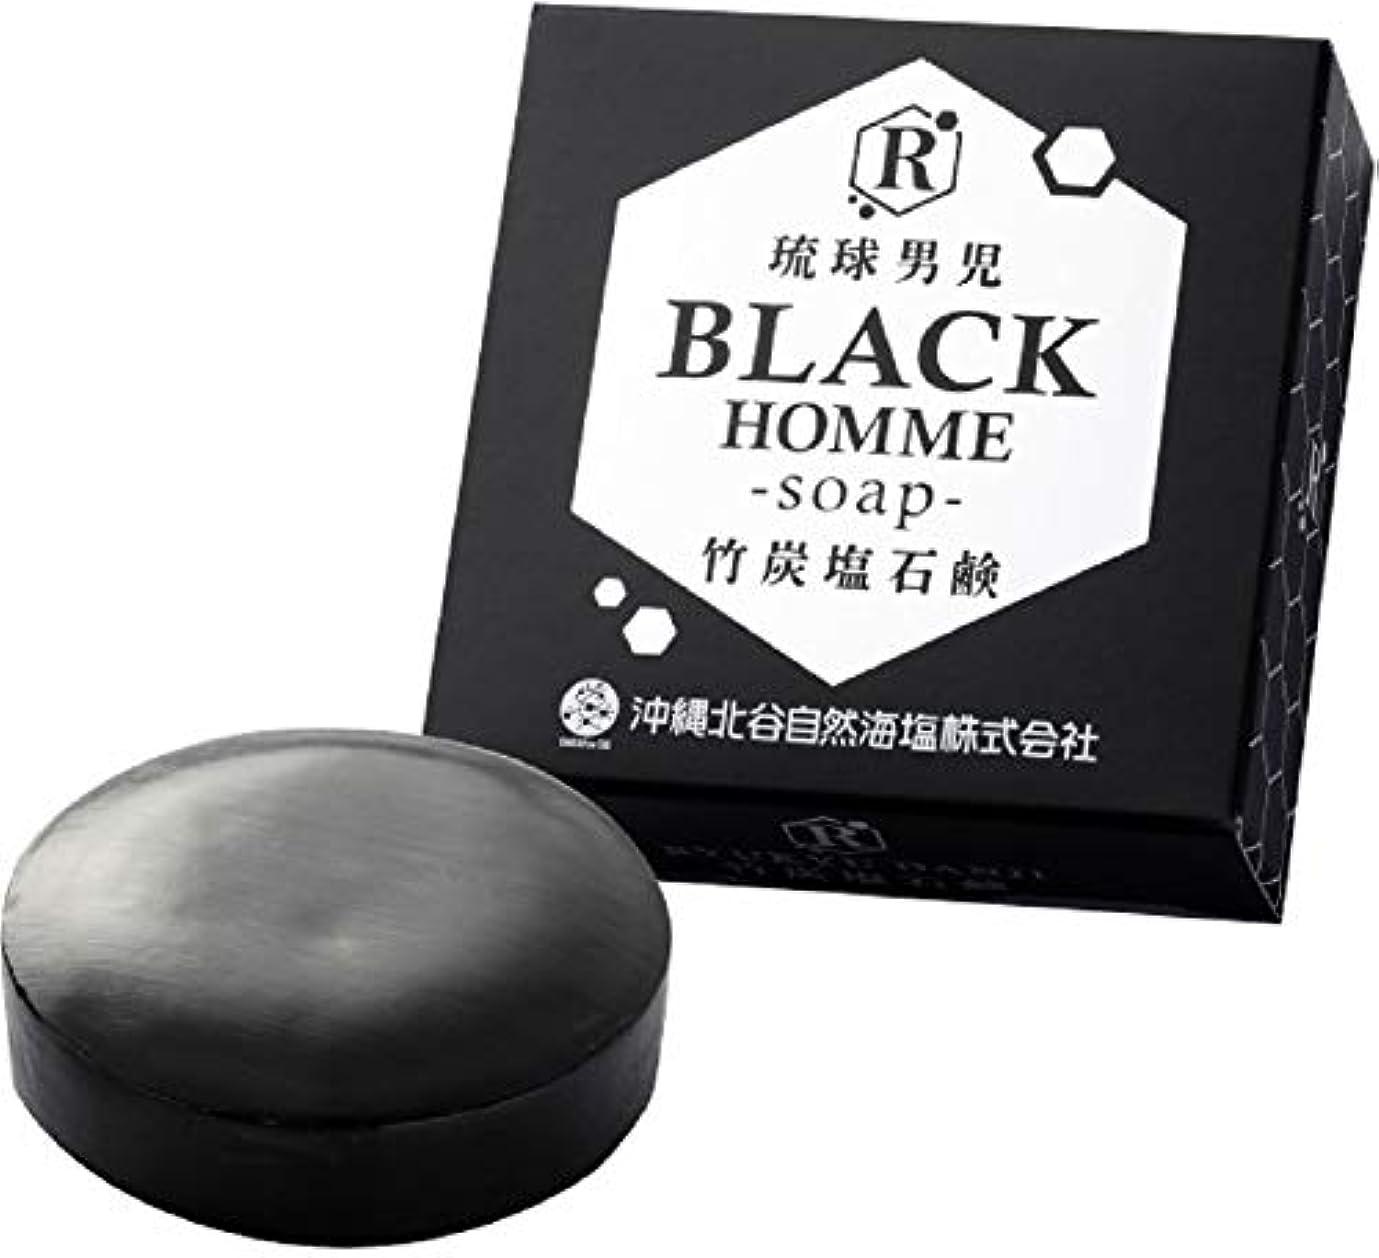 ジョージエリオットコンパニオン暴露【3個セット】琉球男児 竹炭塩石鹸 BLACK HOMME-soap- 60g 泡立てネット付き